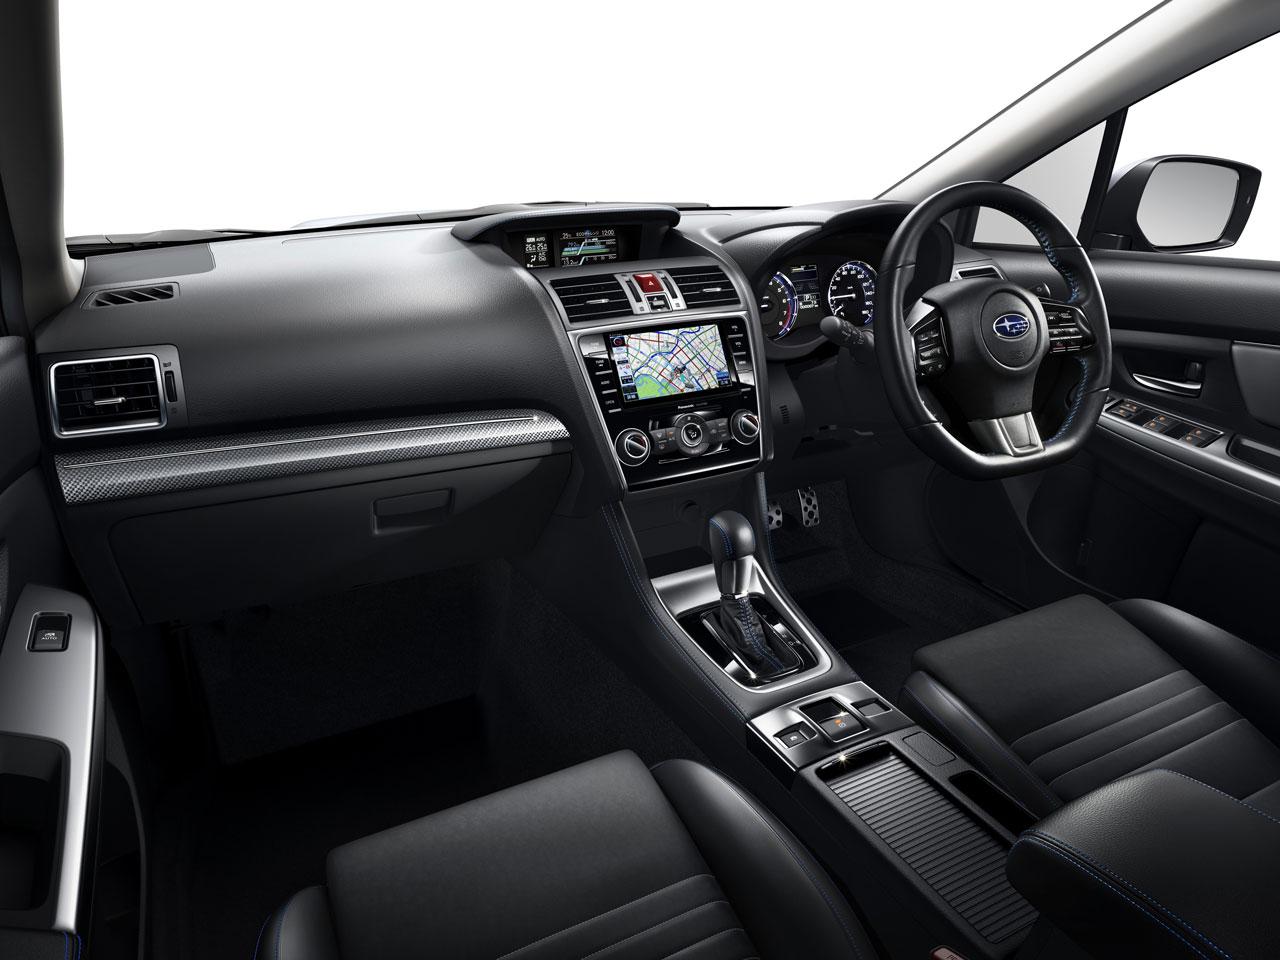 『インテリア1』 レヴォーグ 2014年モデル の製品画像